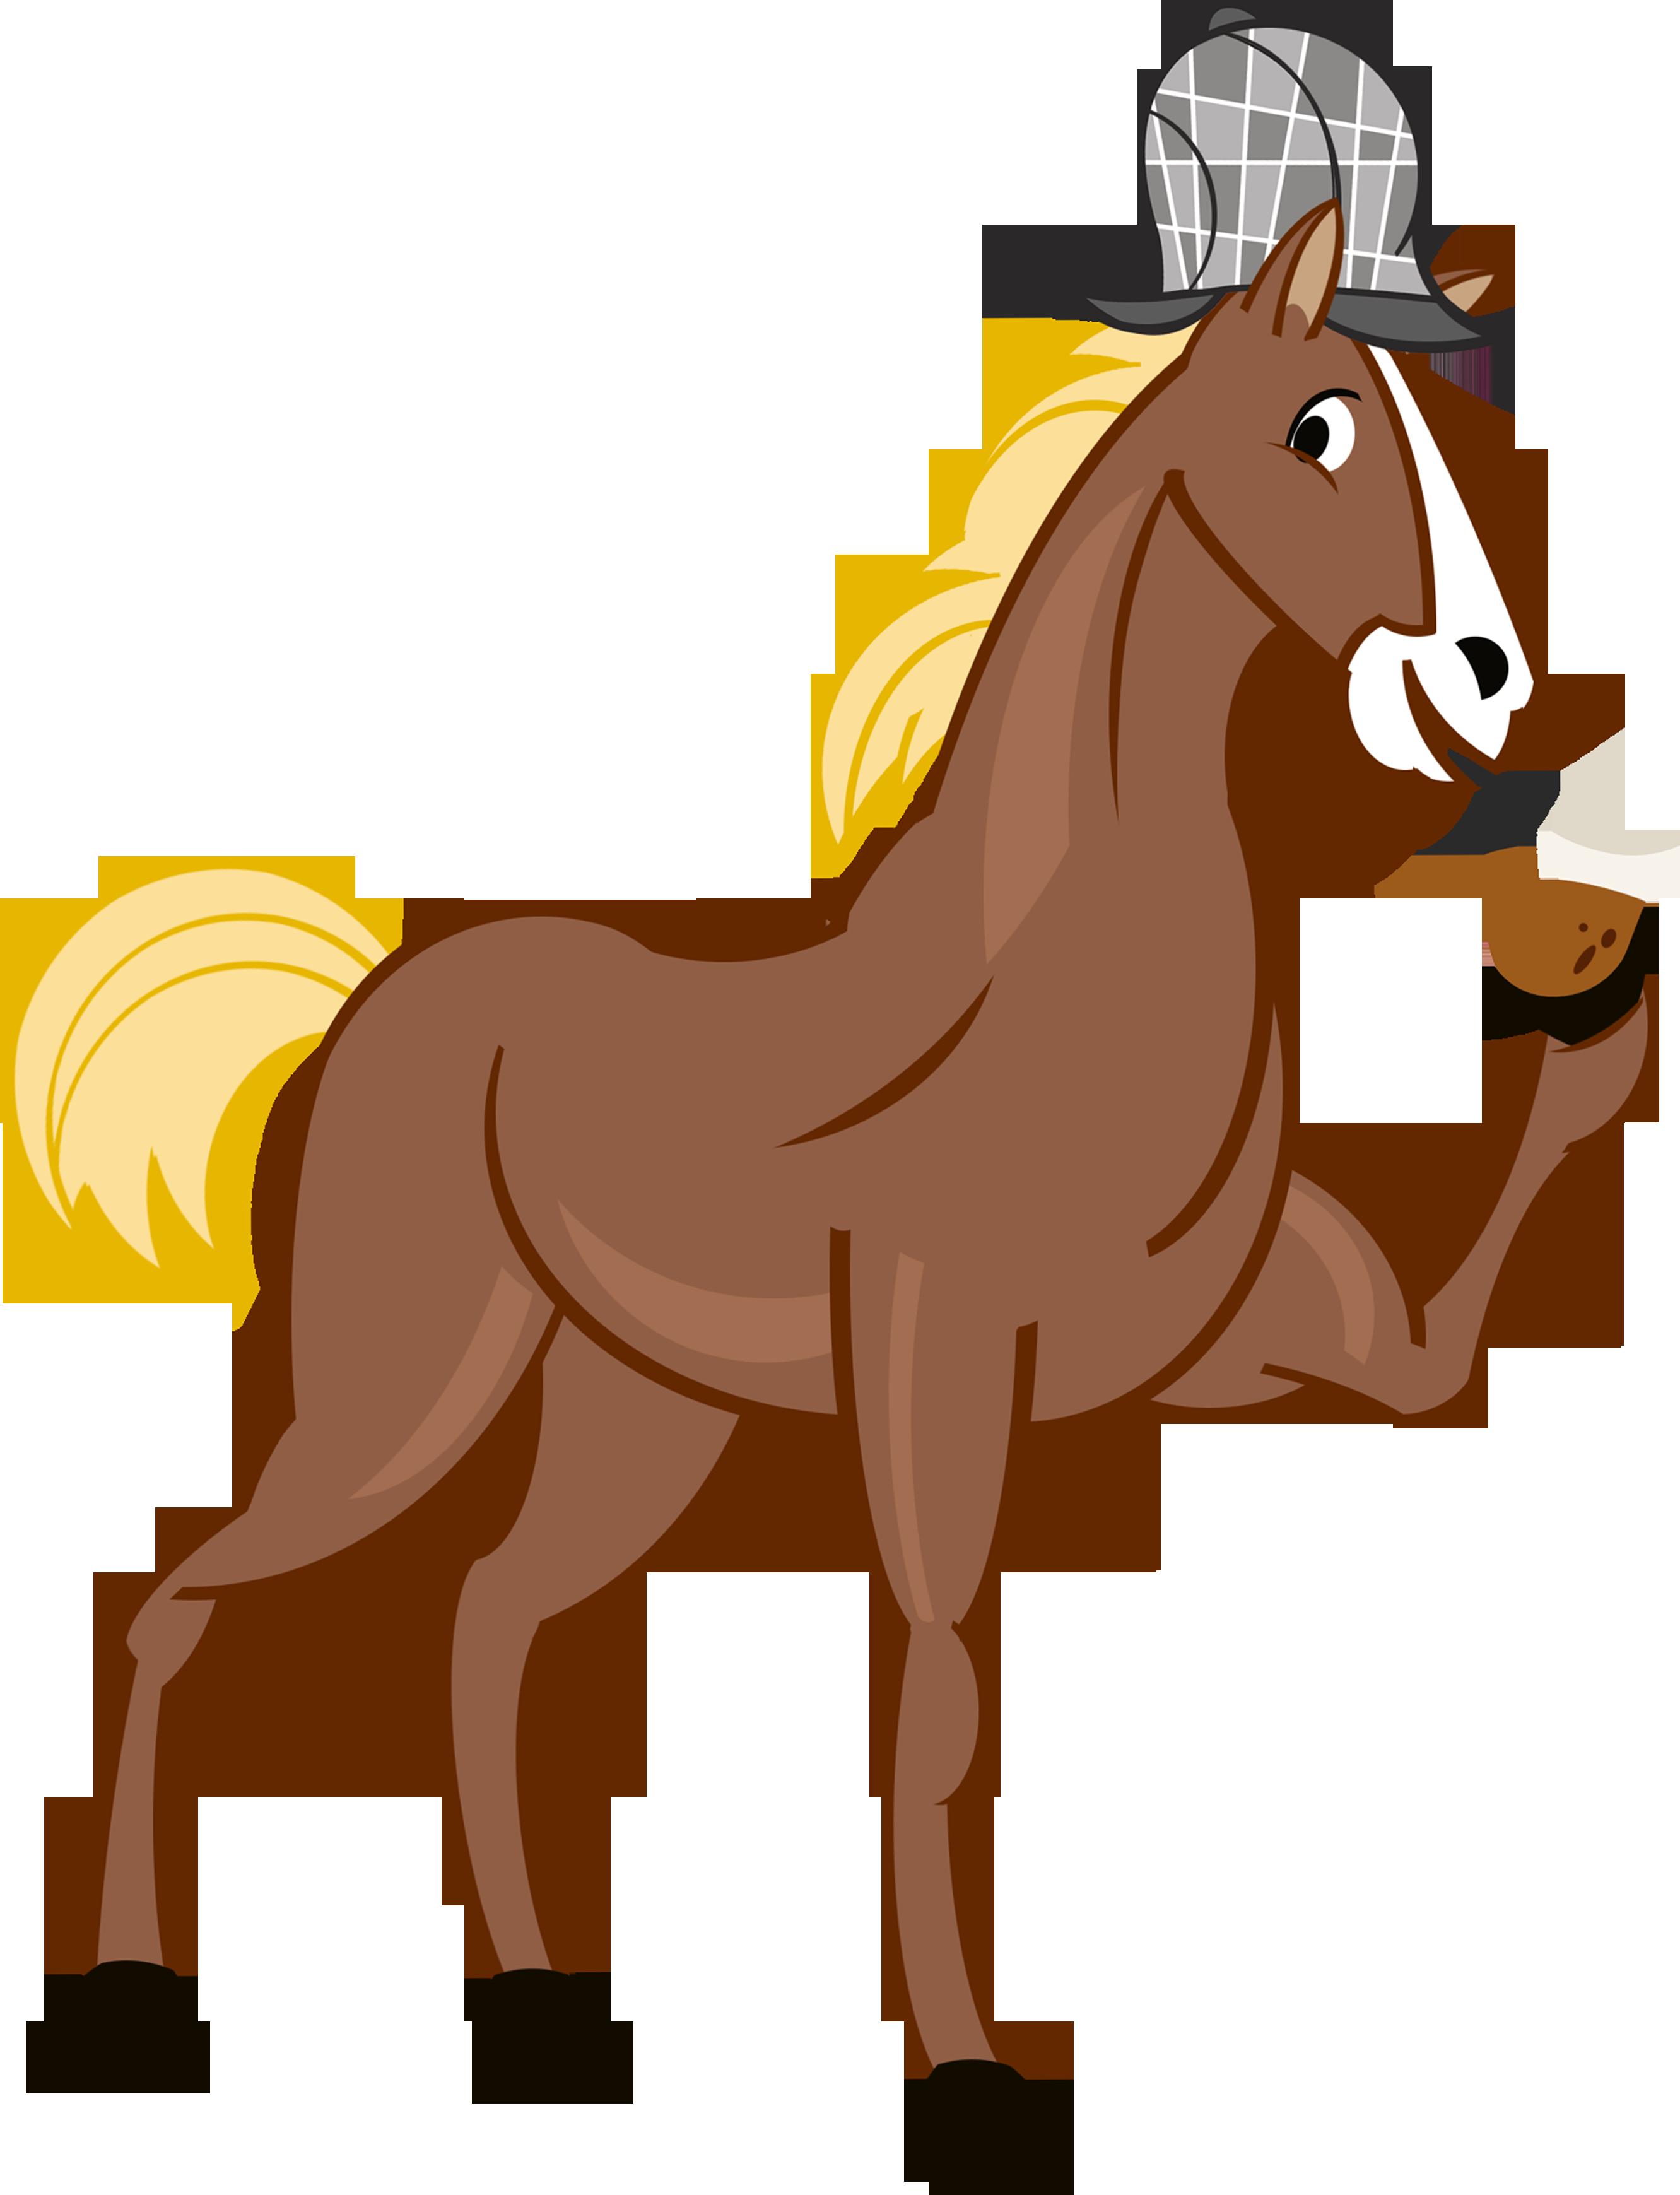 Logo de Sherclop Pones